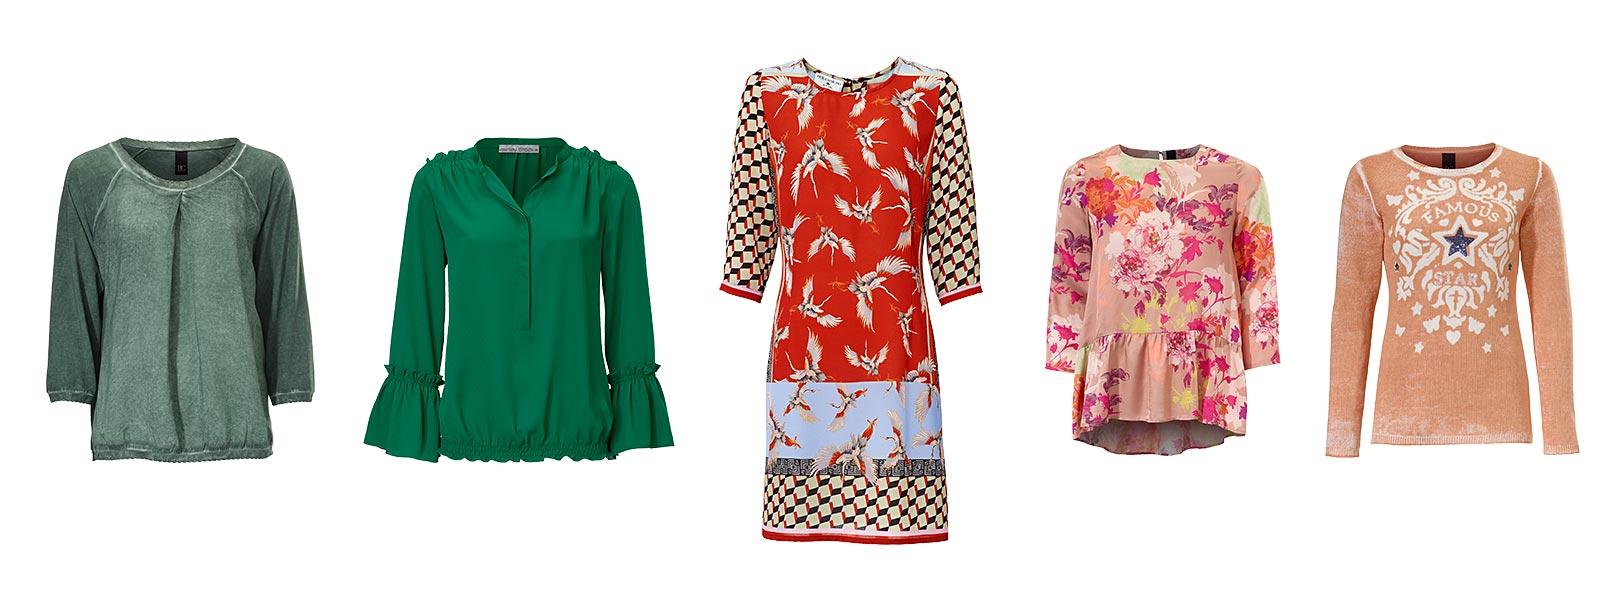 Kleidung/Farbberatung Frühling